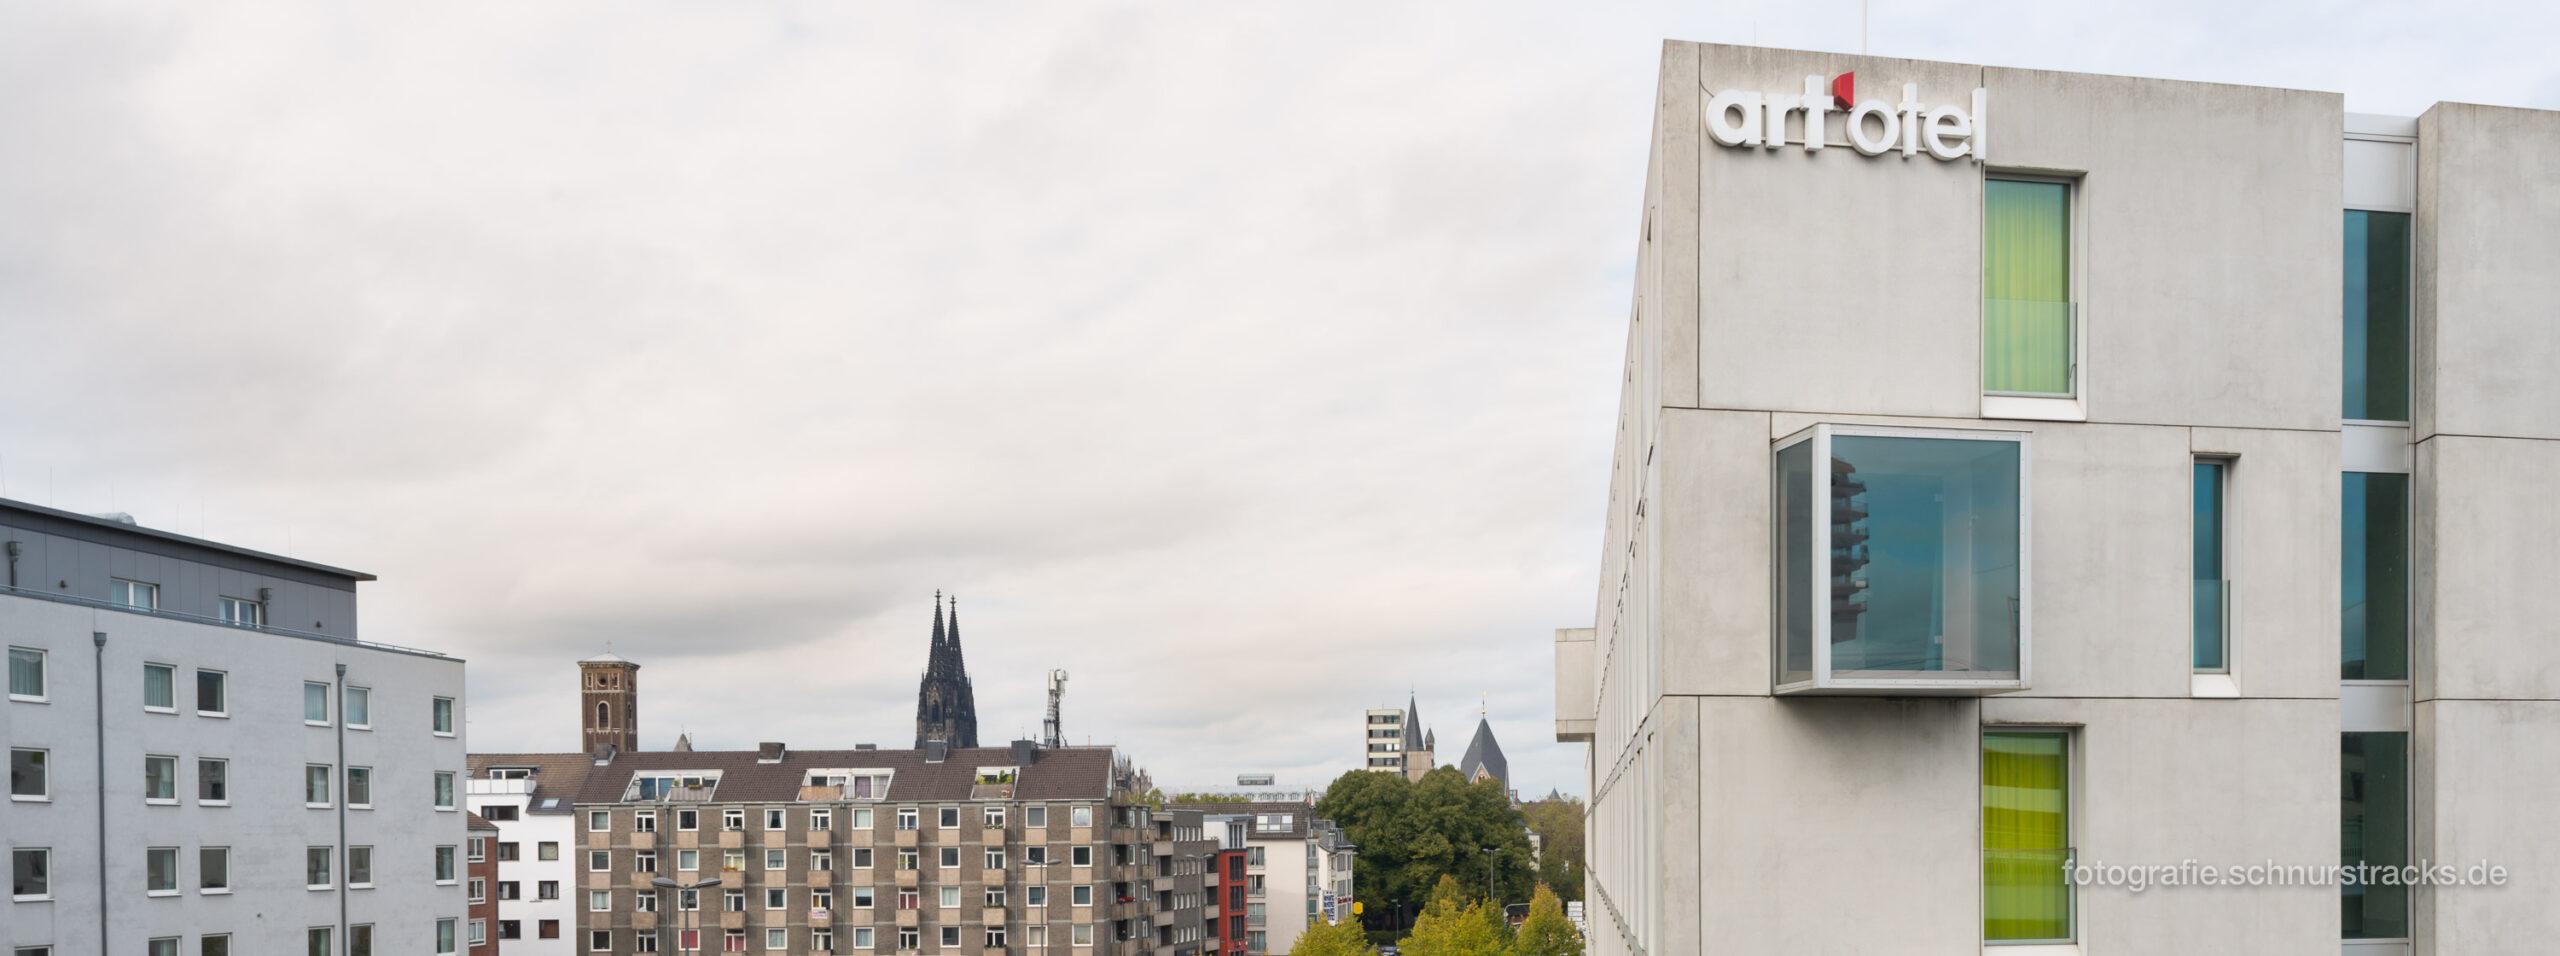 art'otel Köln an der Severinsbrücke